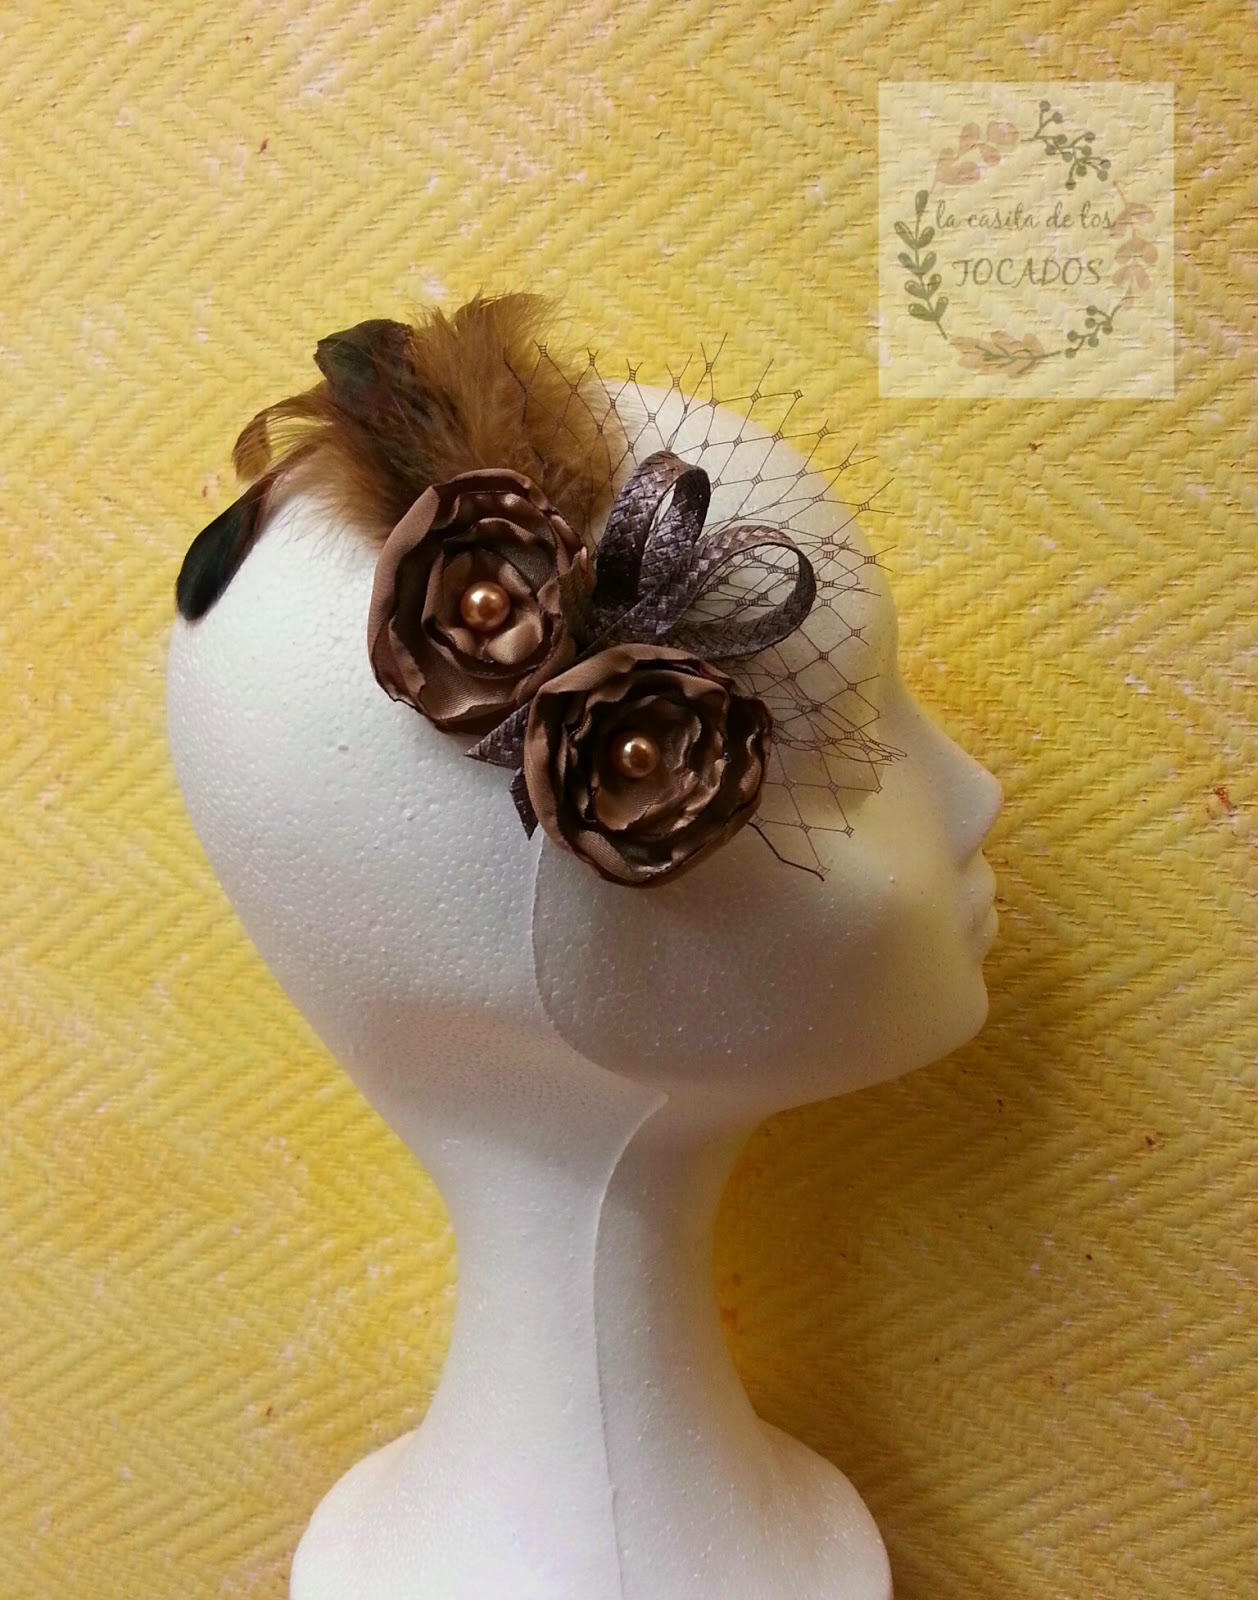 tocado color marrón para boda con flores artesanales, velo, rafia y plumas